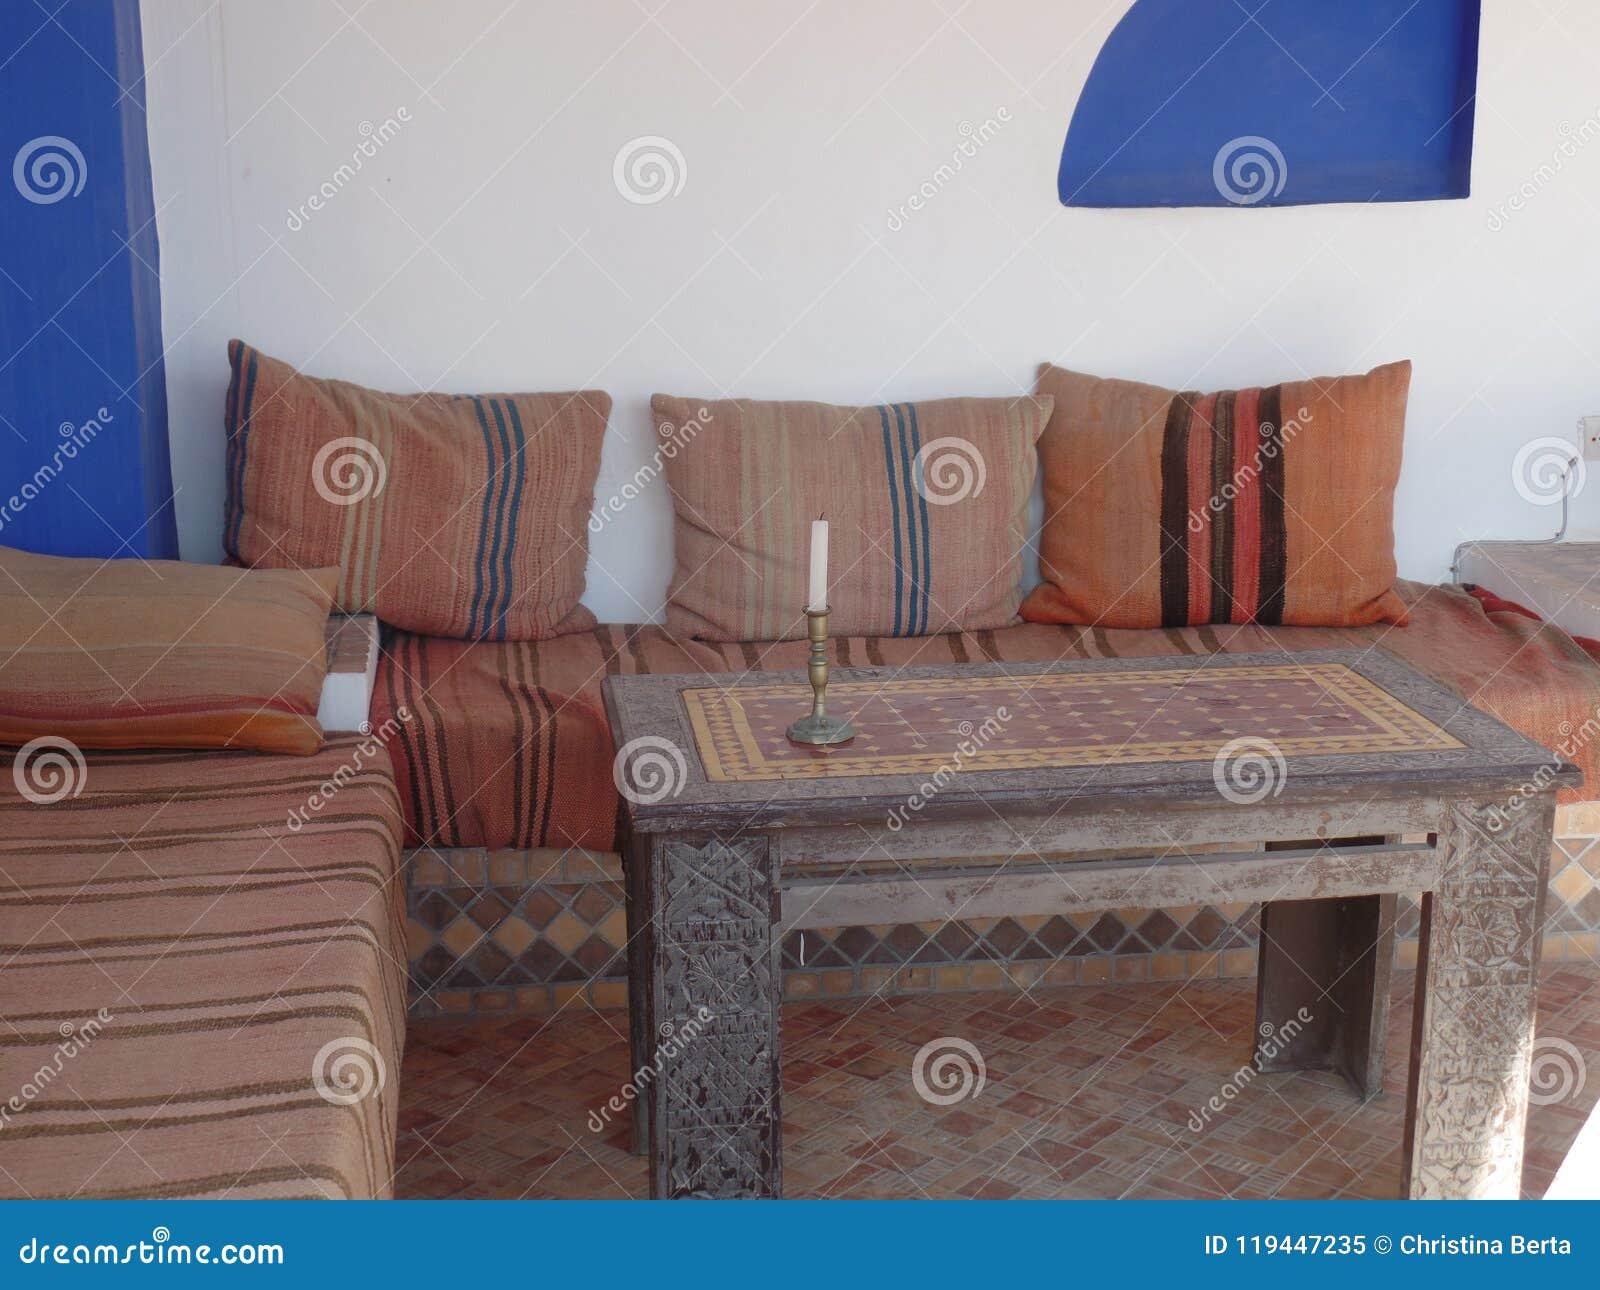 Área de assento marroquina tradicional típica